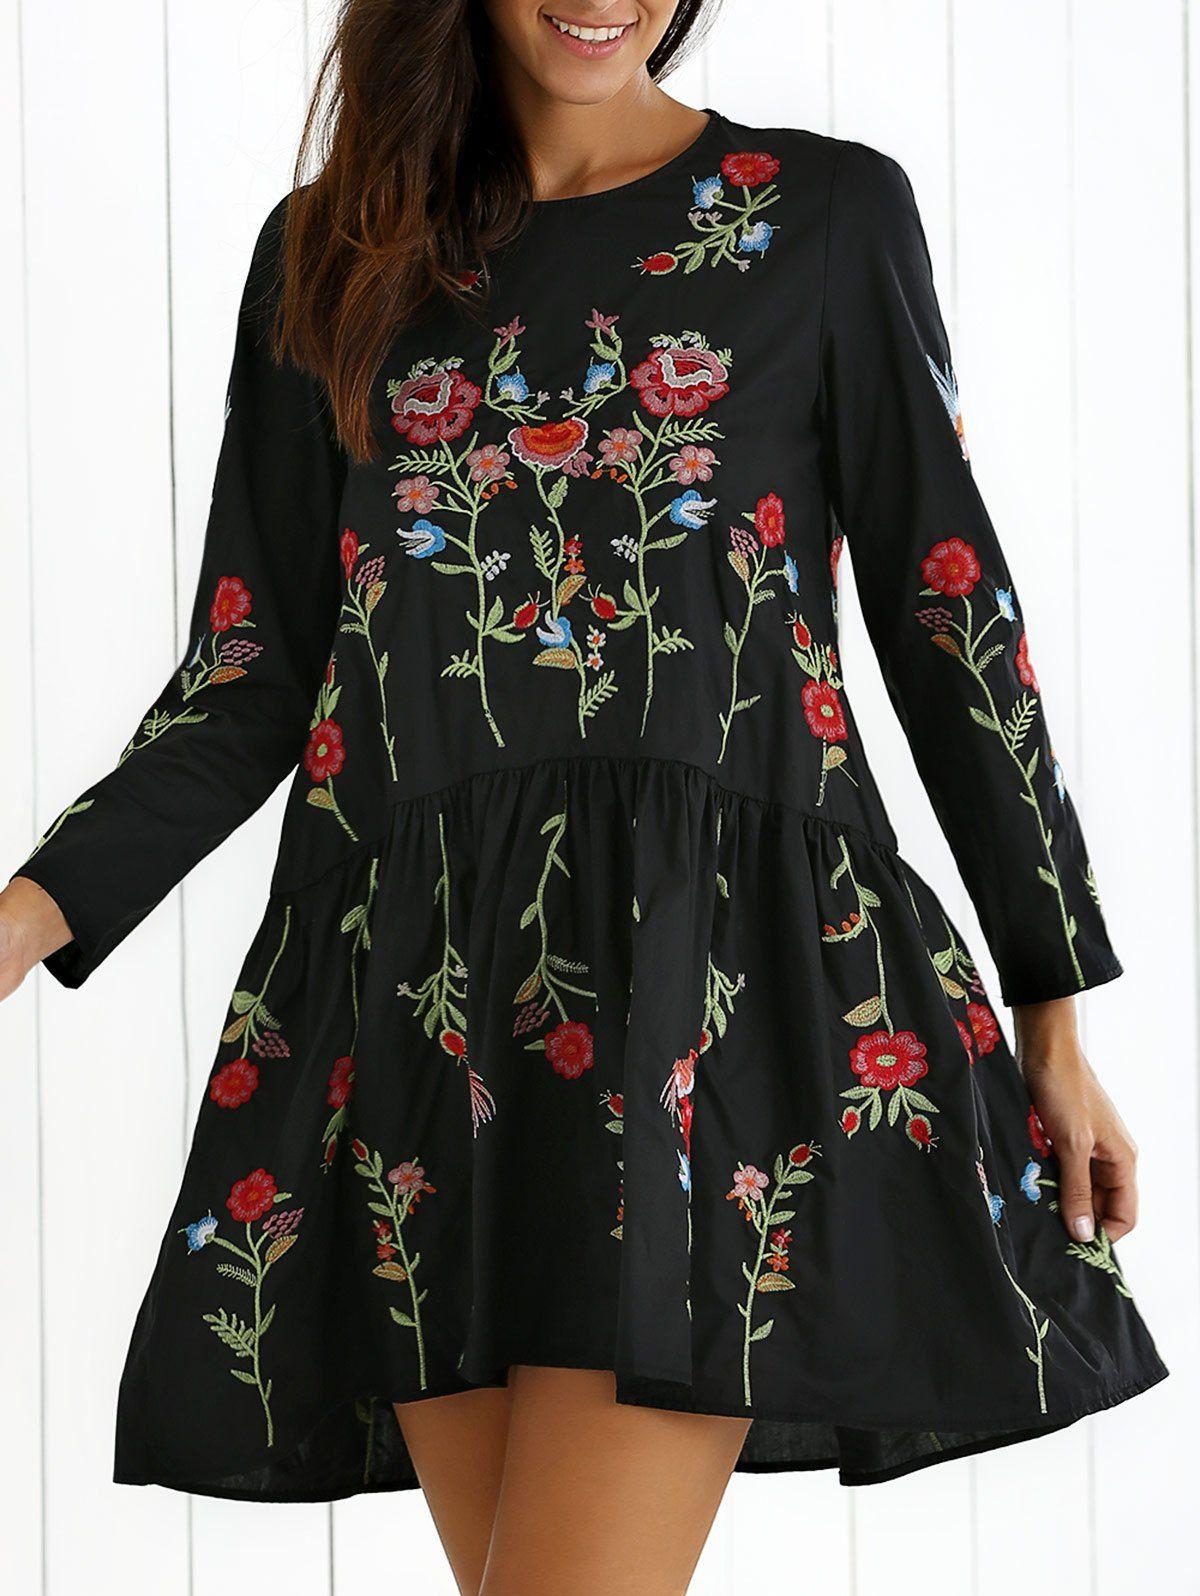 Drop waist flower embroidered dress drop waist dresses sleeved